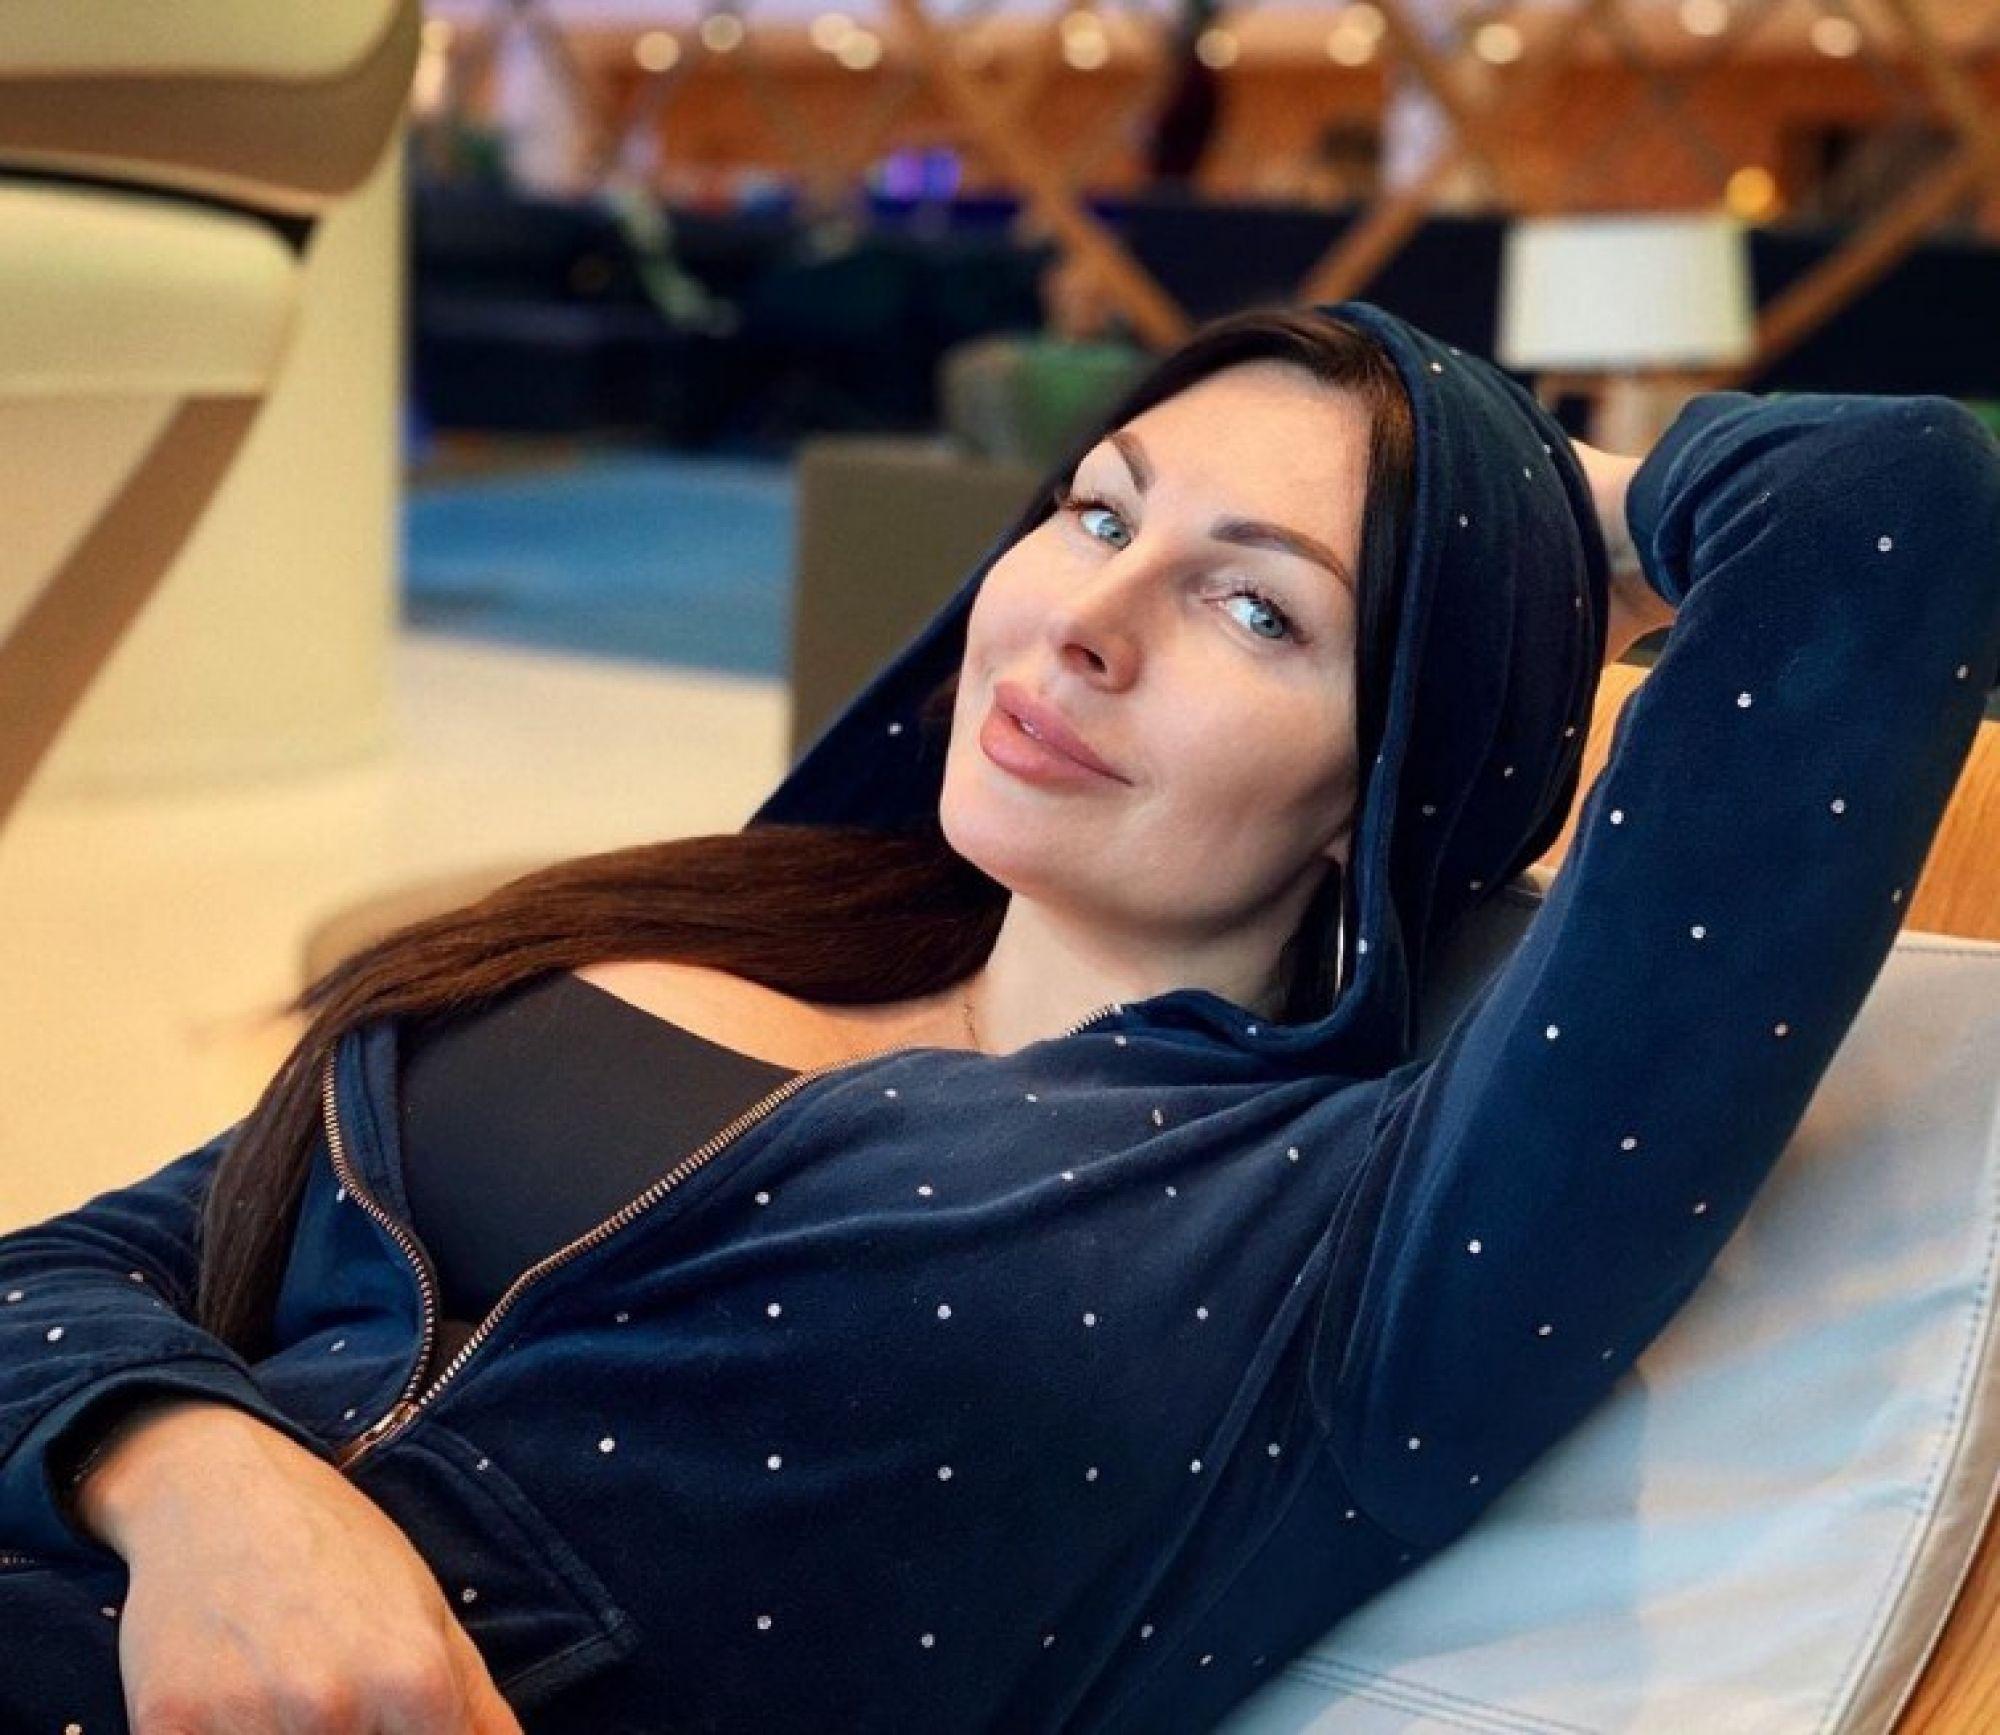 Оправившаяся после судебных тяжб Наталья Бочкарёва порадовала поклонников горячим фото без бюстгальтера